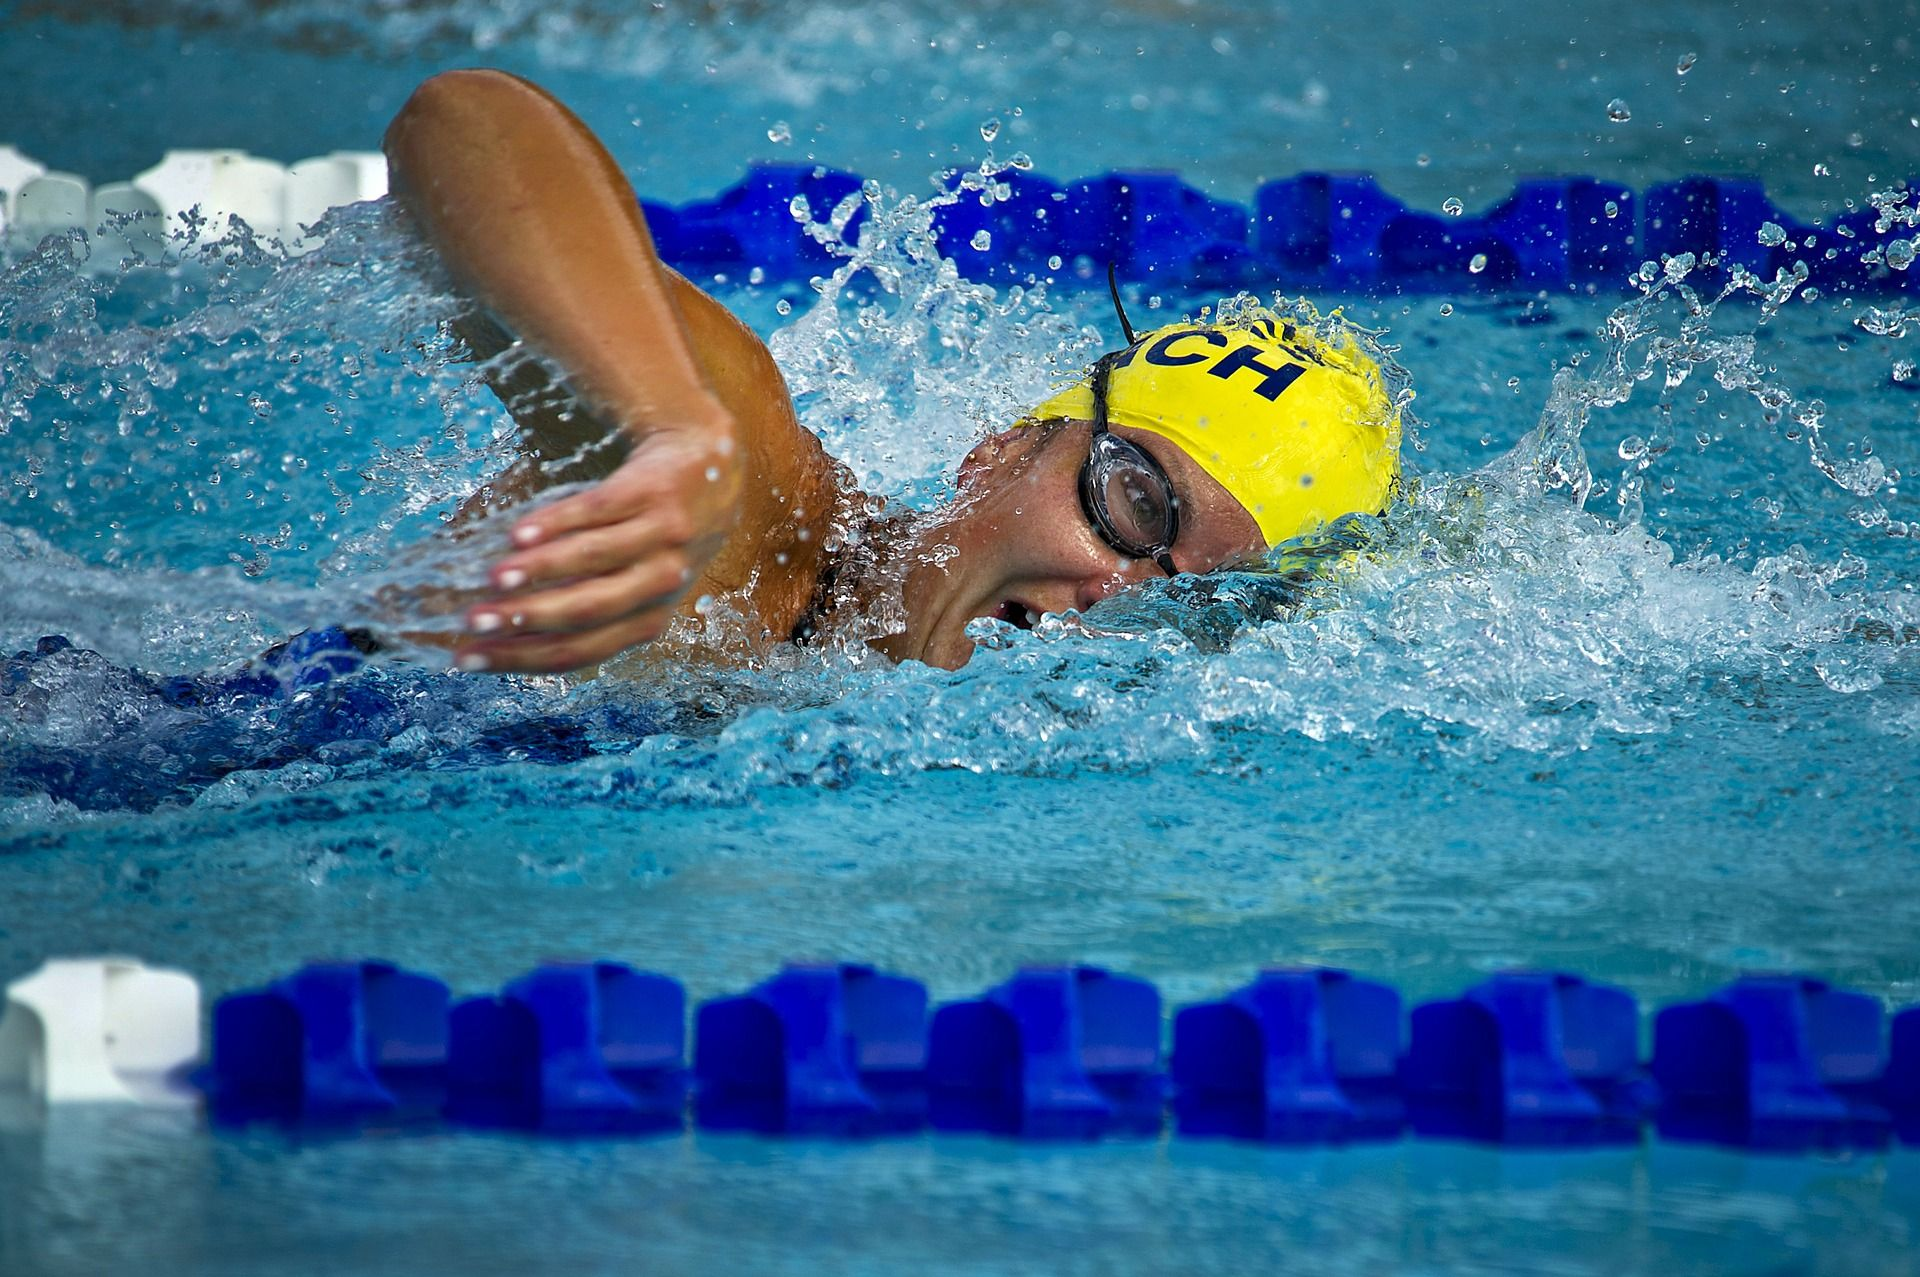 como nadar para adelgazar piernas